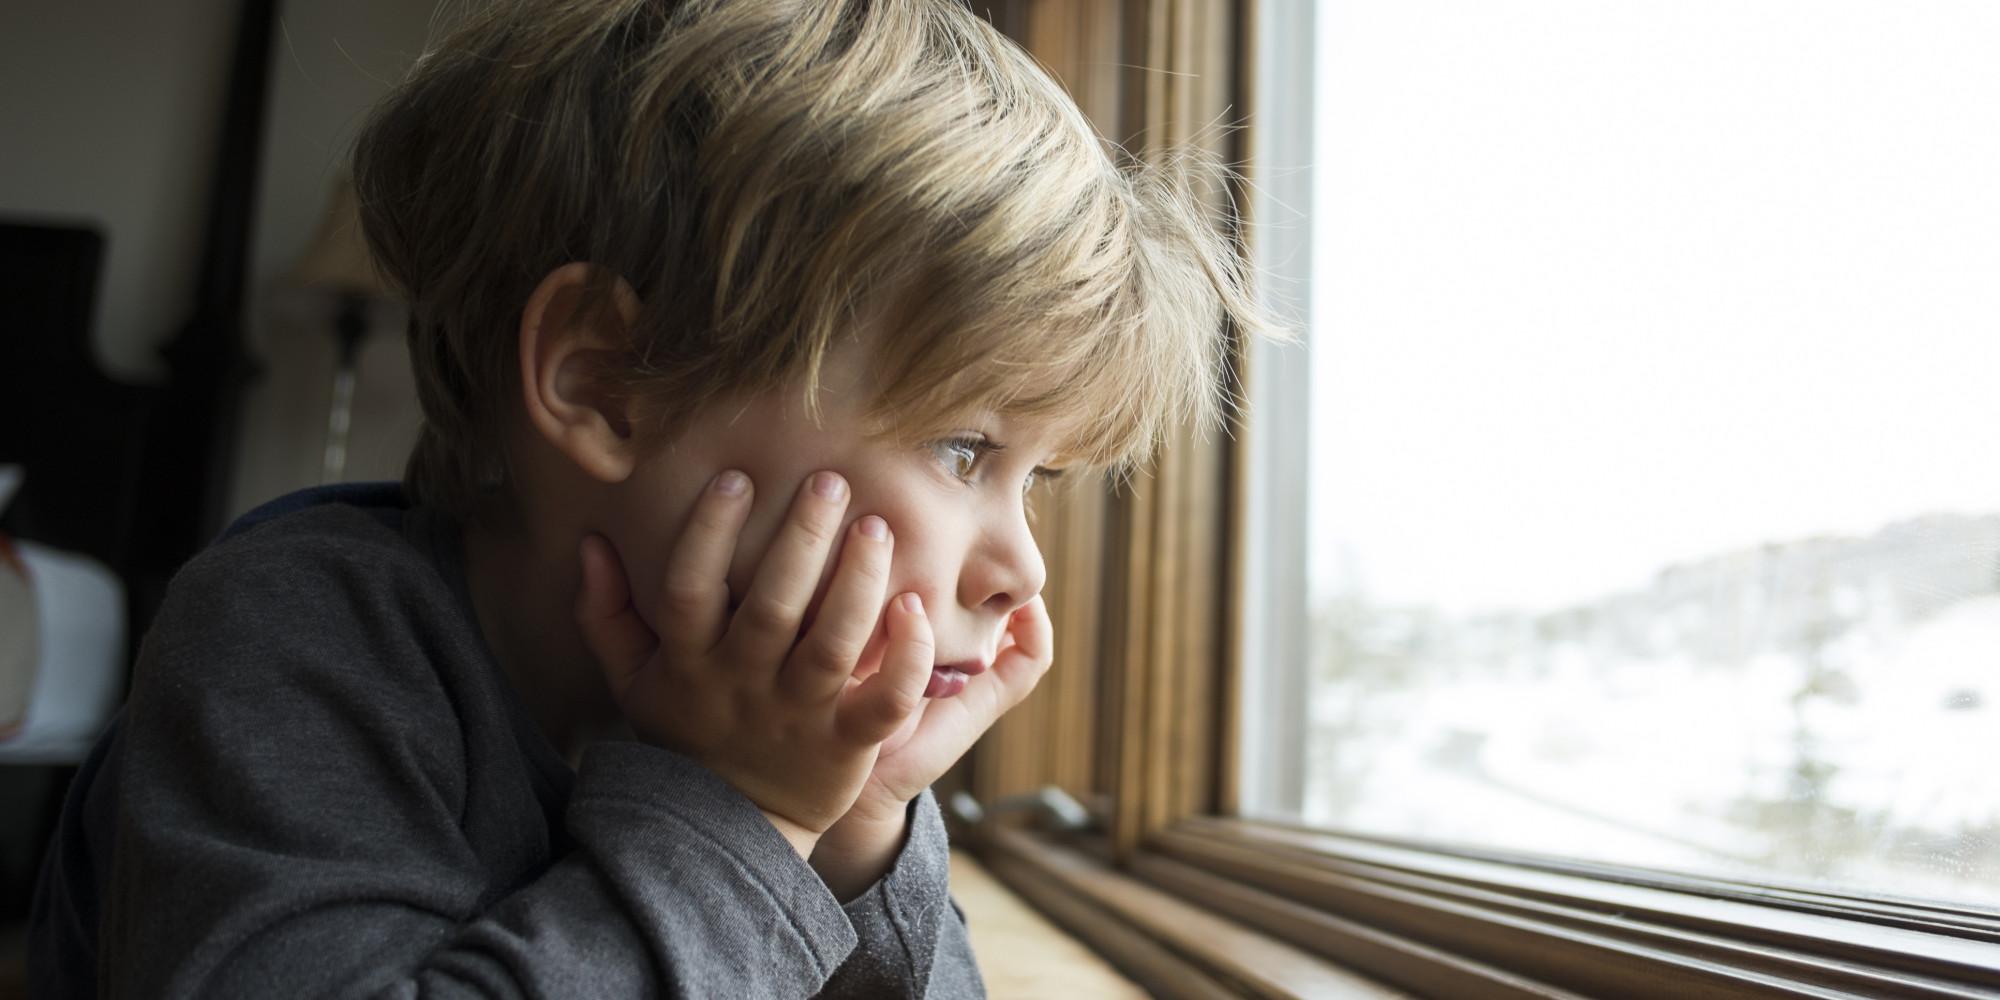 Boy by window